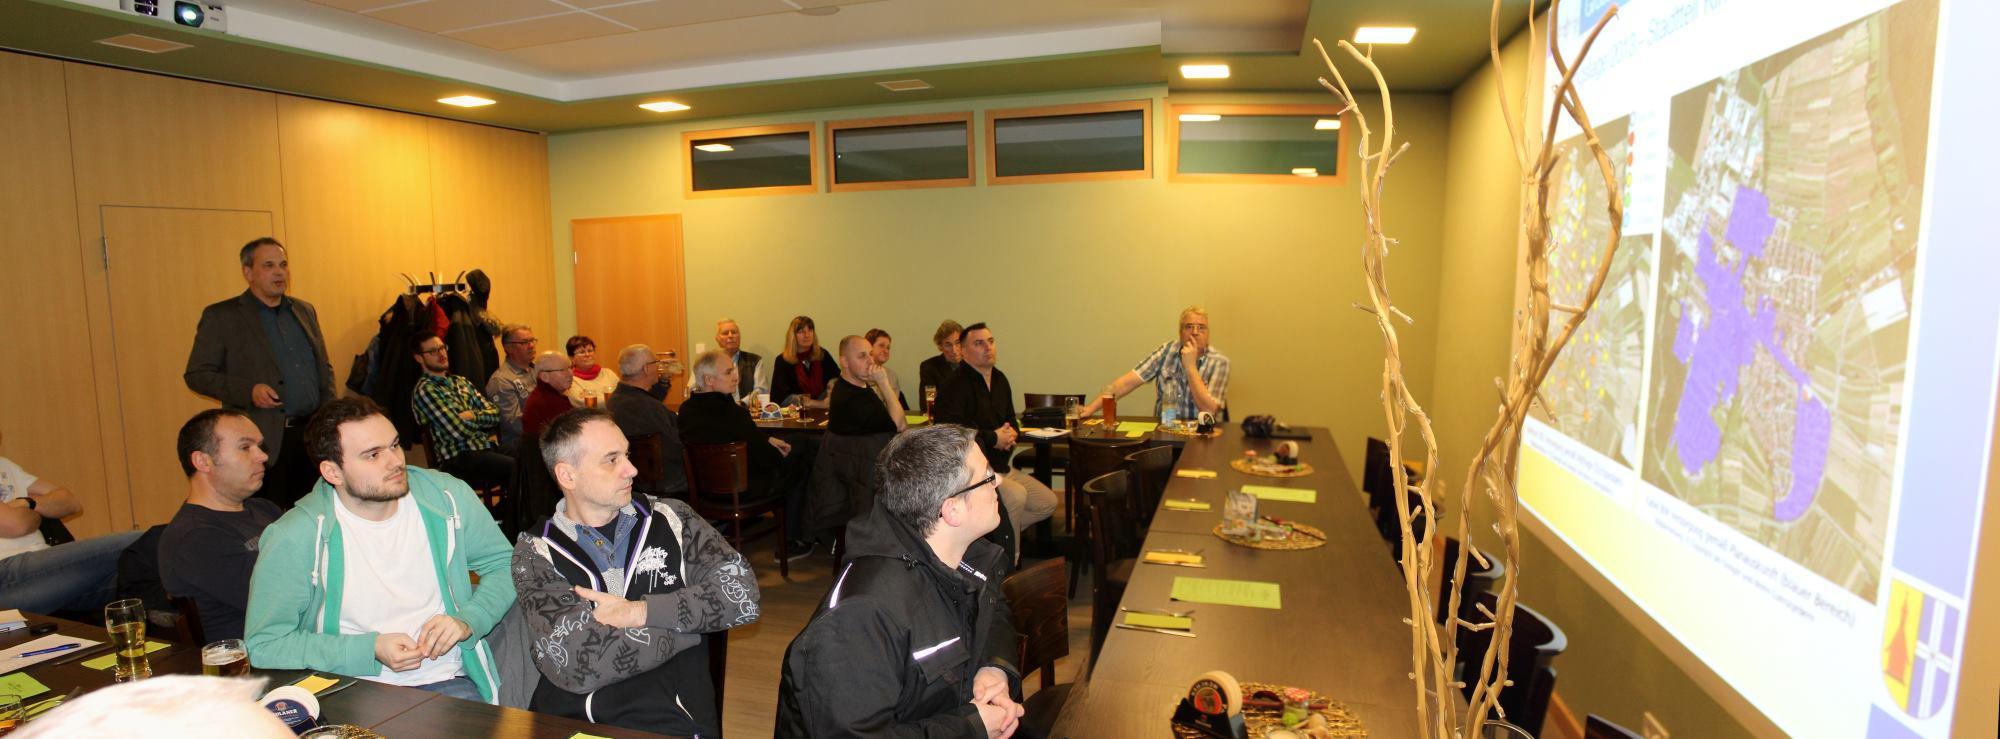 Freie Wähler Informationsveranstaltung zum Breitbandausbau in Waghäusel